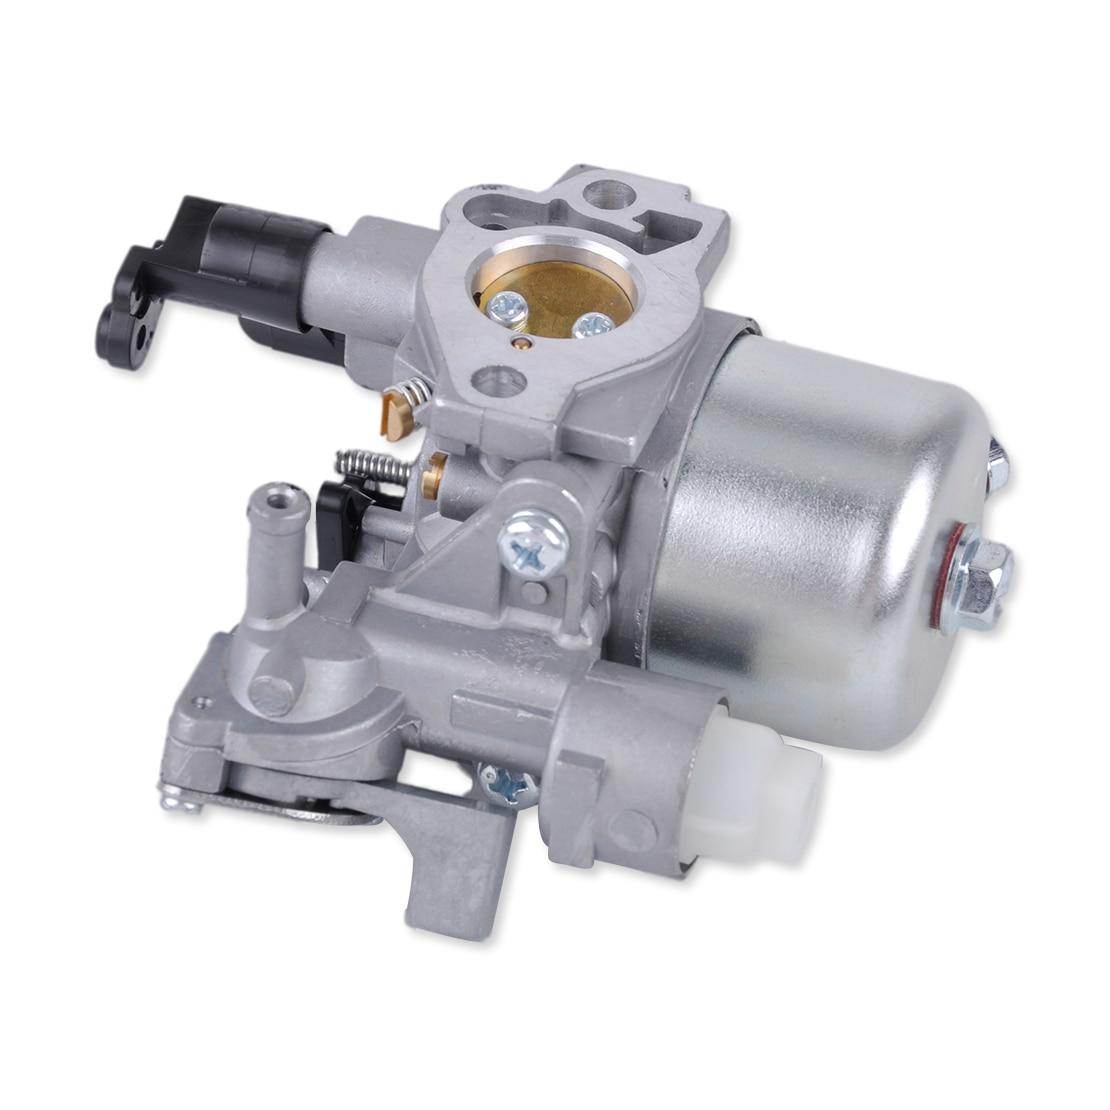 LETAOSK Carburetor Carb Replacement Fit For Subaru Robin SP170 EX170DT1100 EX170DM2231 Engine ey28b robin carburetor carb engine part